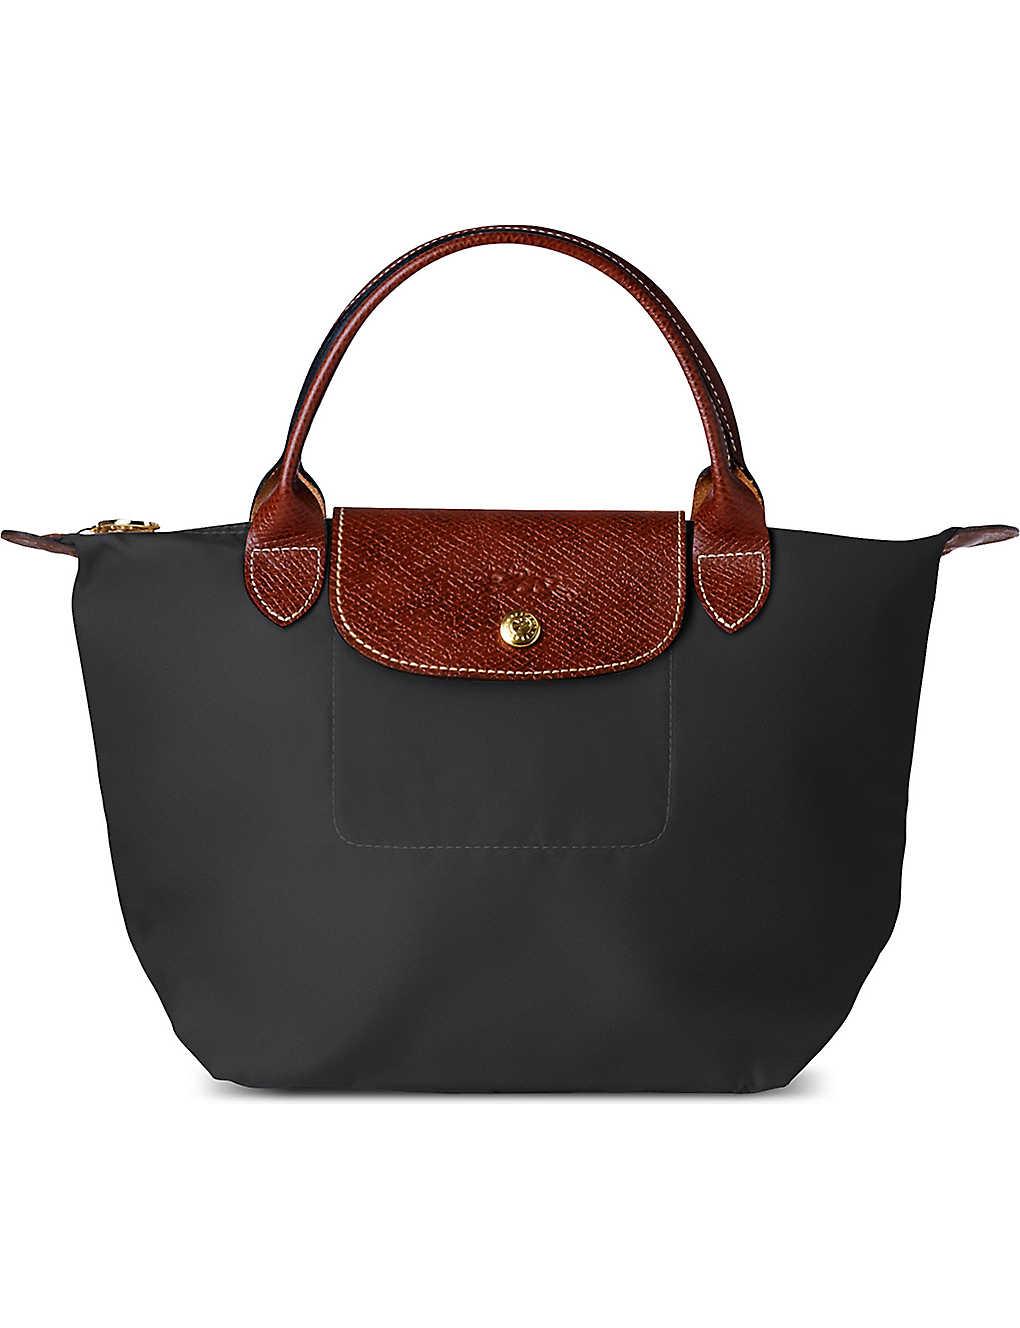 270e4b820085 LONGCHAMP - Le Pliage small handbag